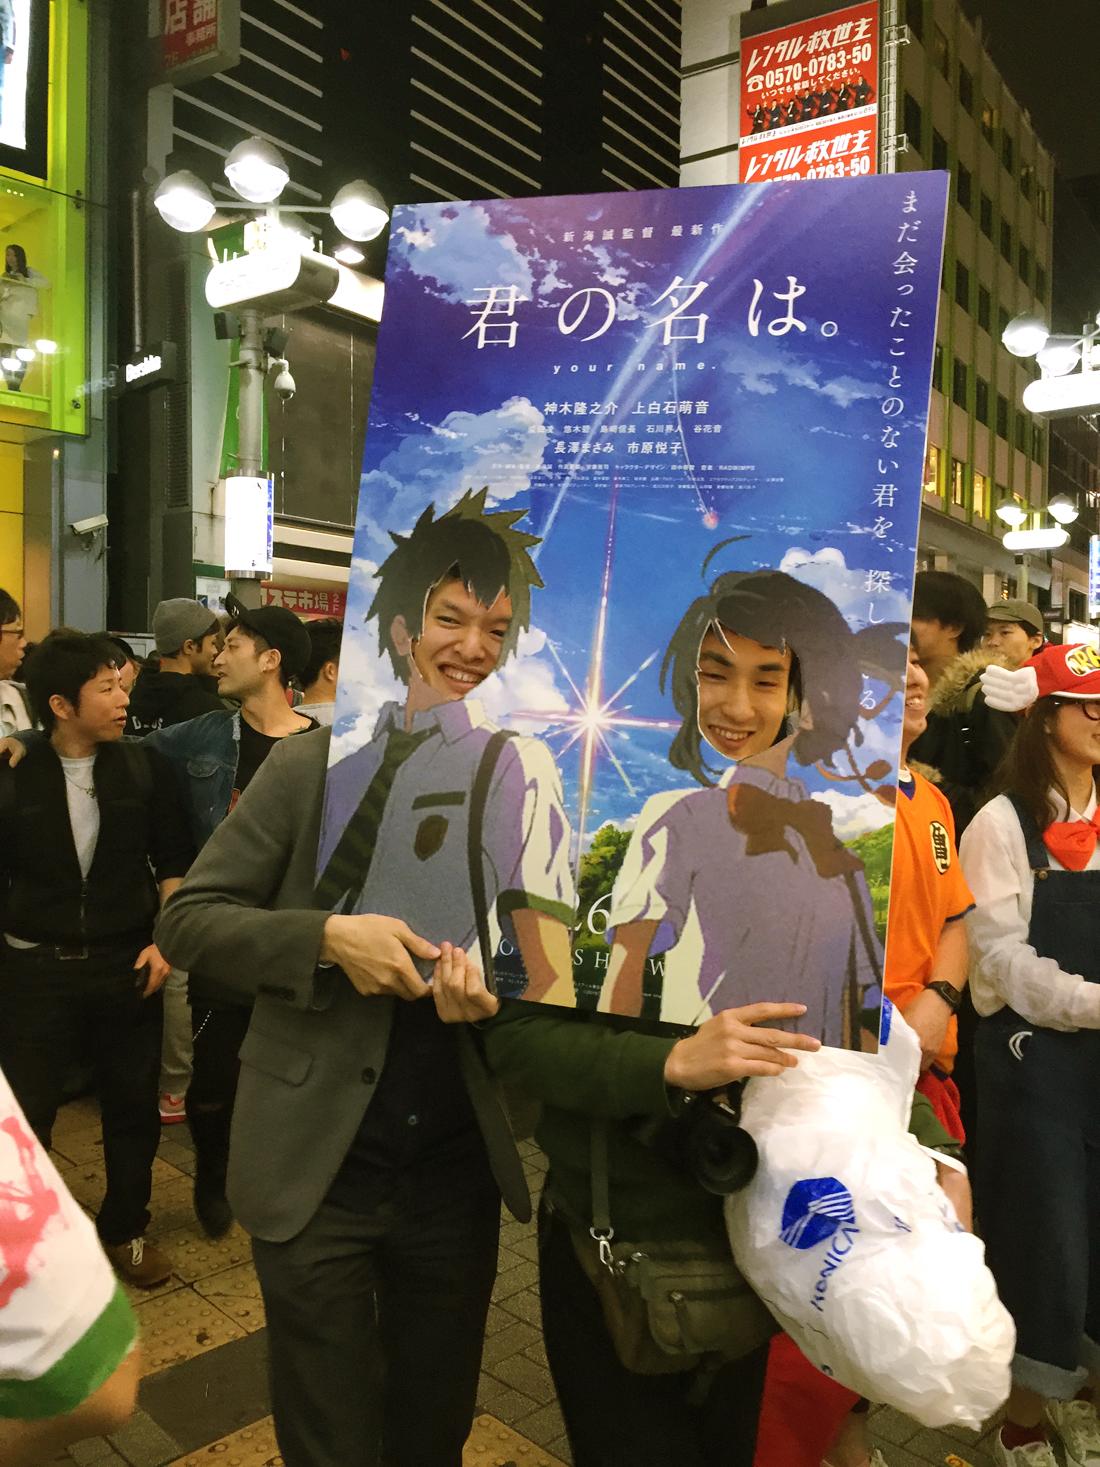 halloween-in-shibuya-halloween-in-tokyo-rainbowholic-52